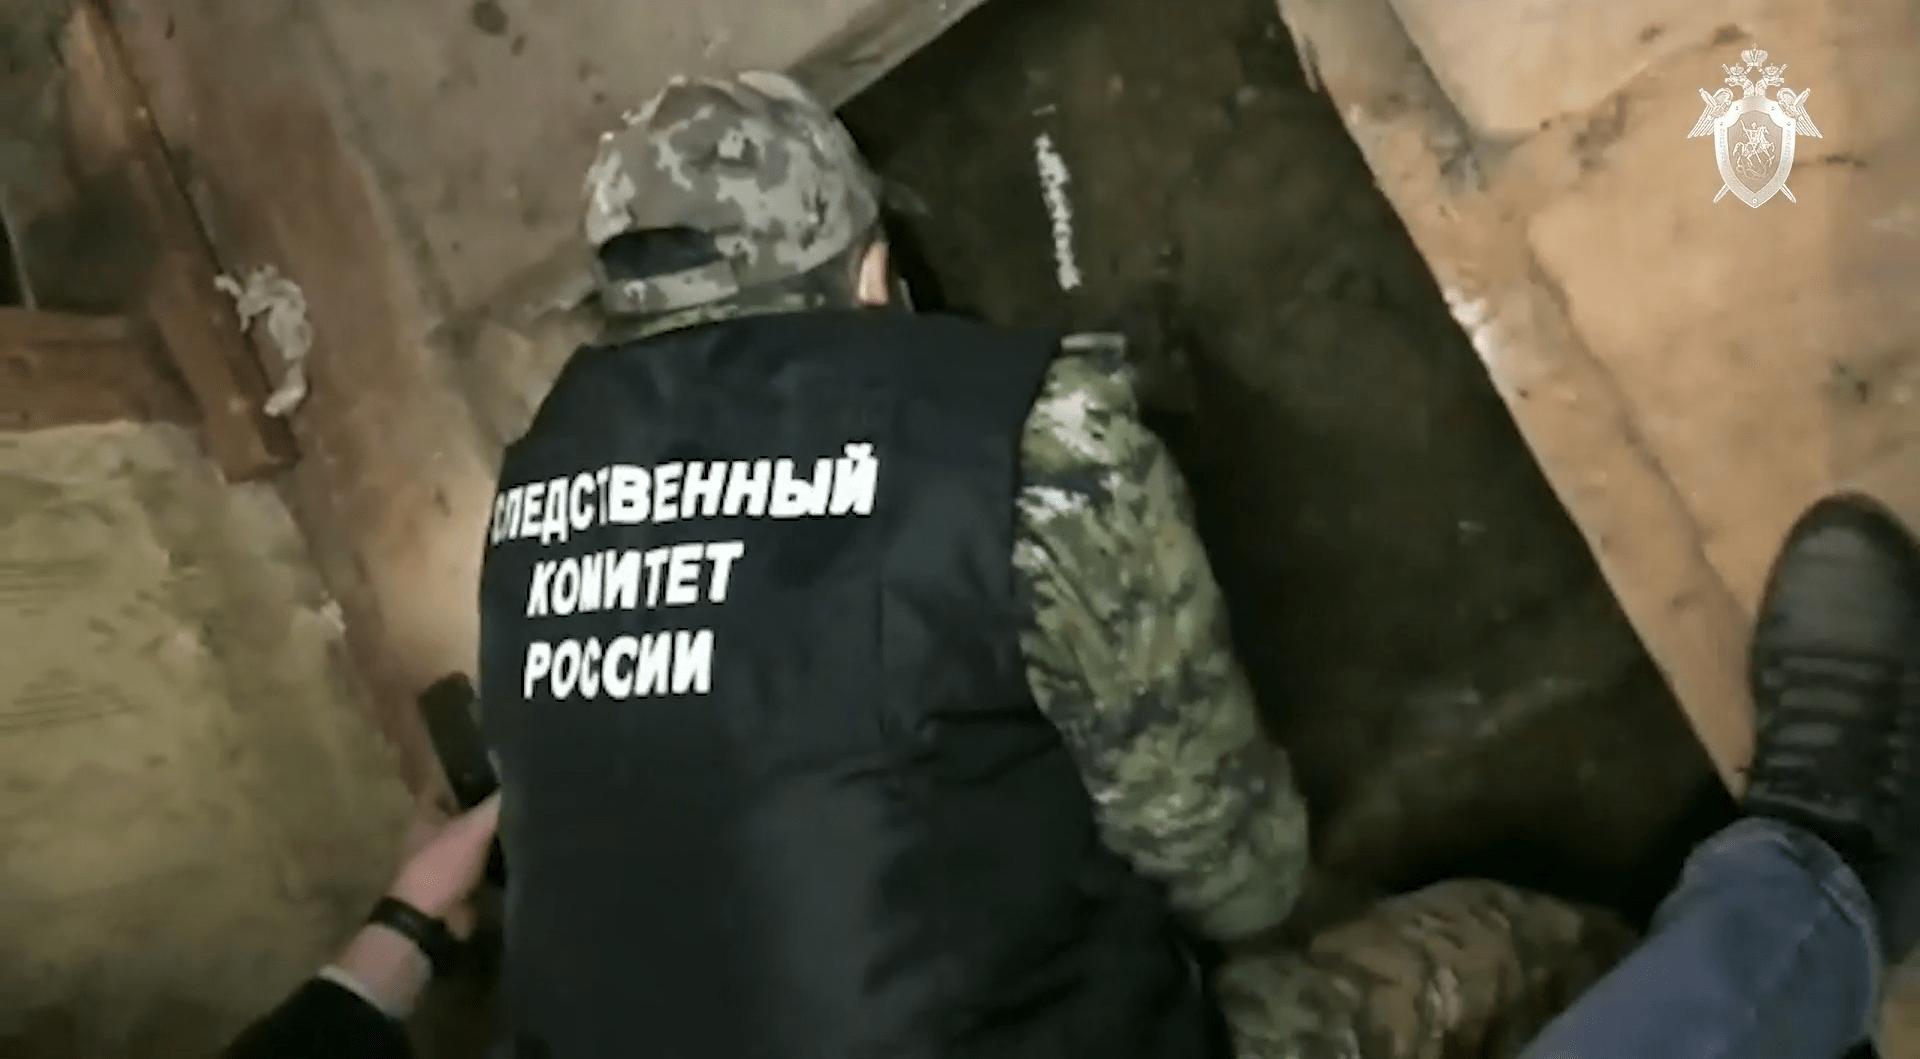 В Тверской области нашли тело мужчины, убитого почти год назад